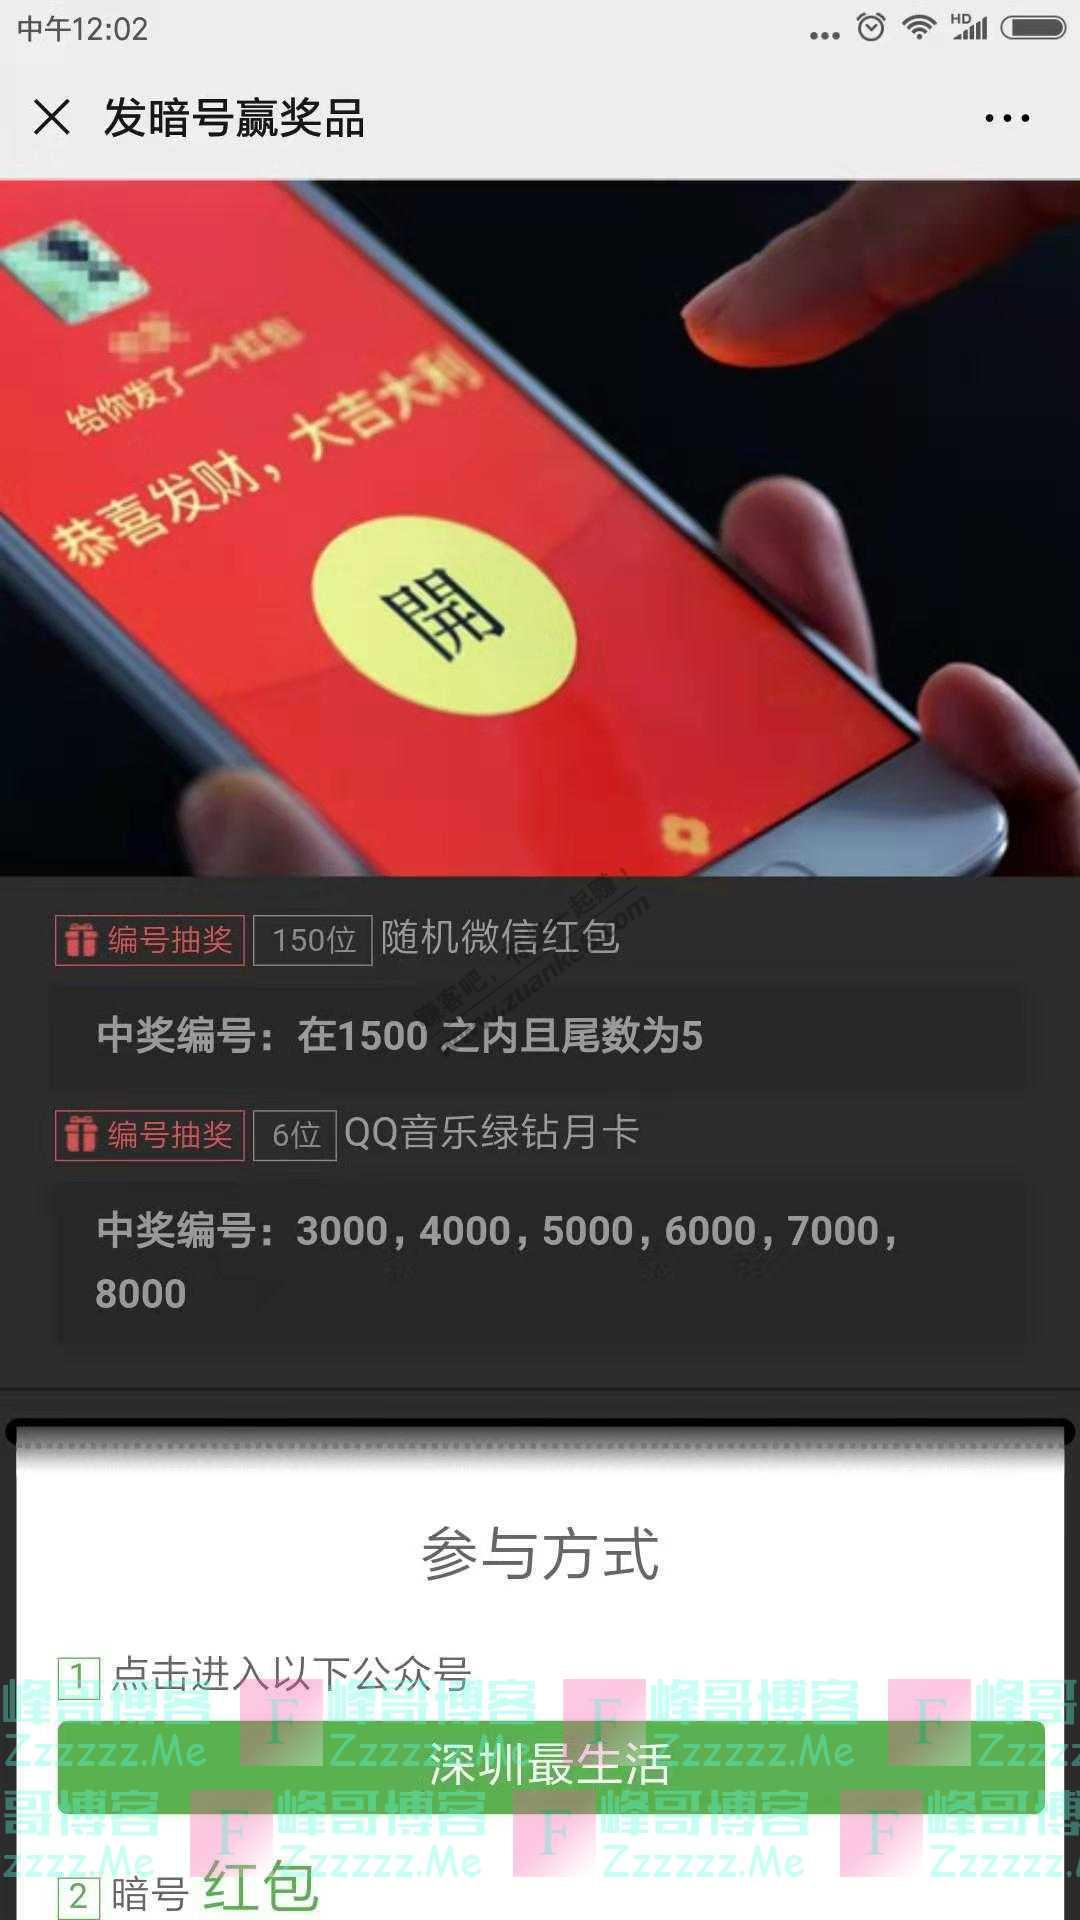 """深圳最生活不仅被996还被""""自愿降薪""""(截止11月12日)"""